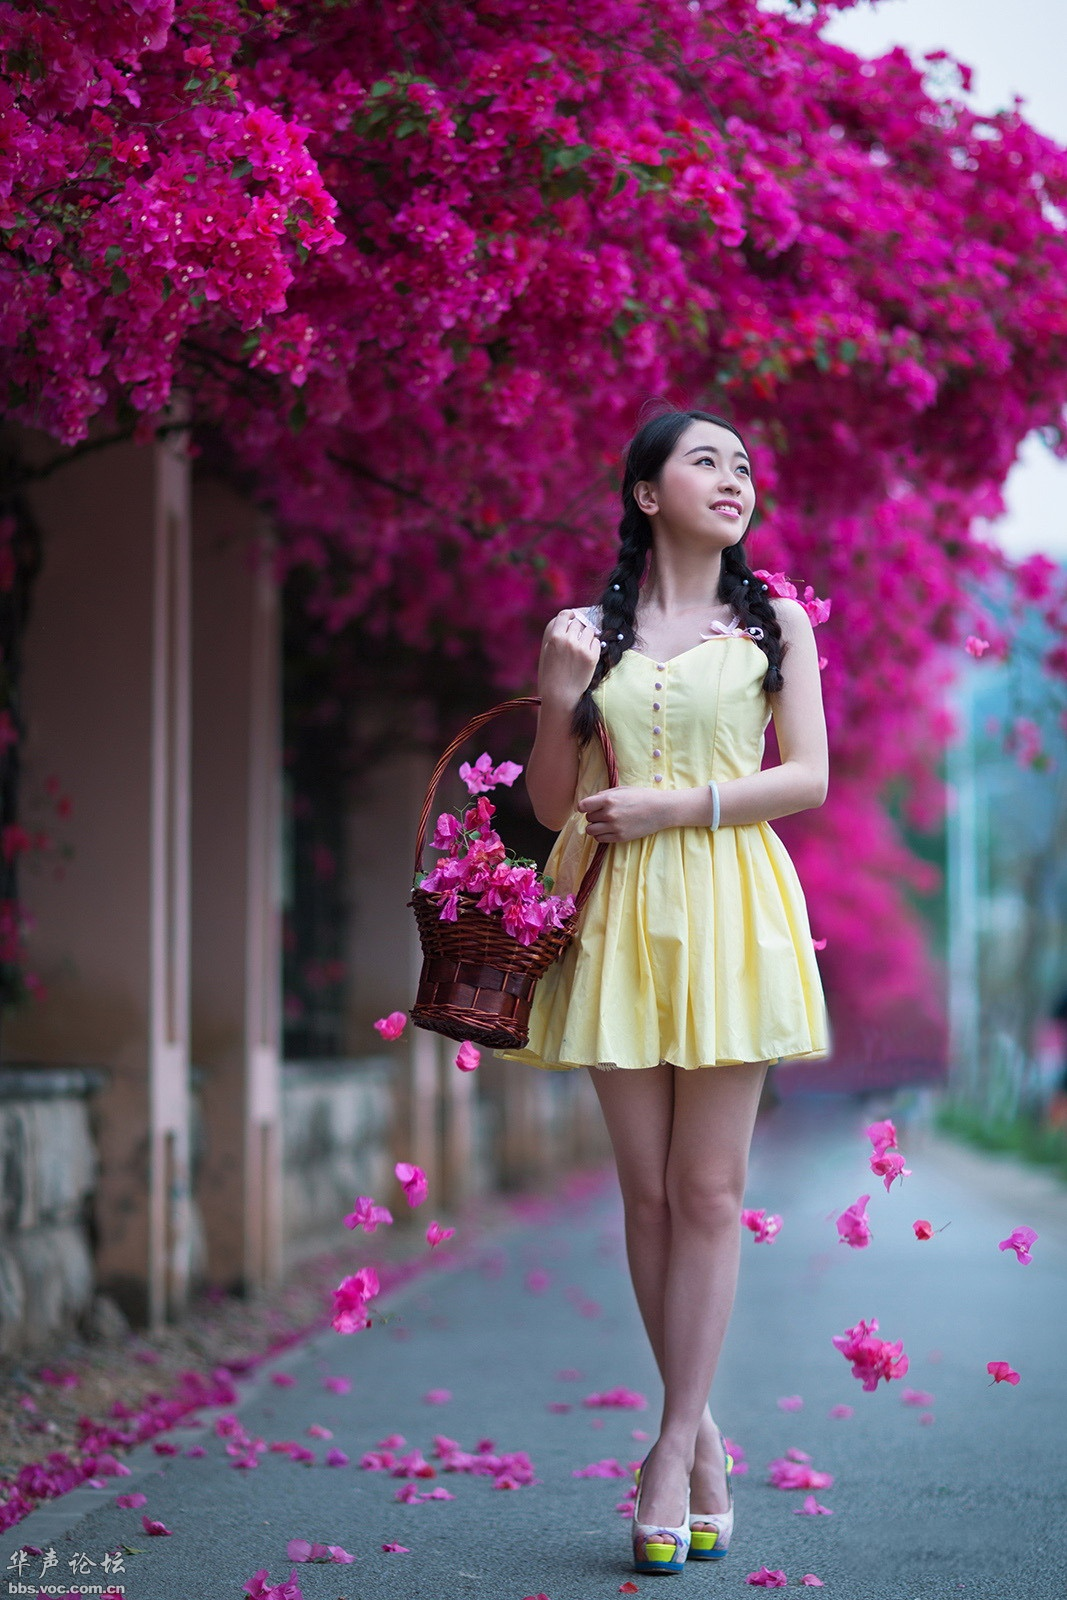 三角梅下的媚影 - 春色满园 - 春色满园